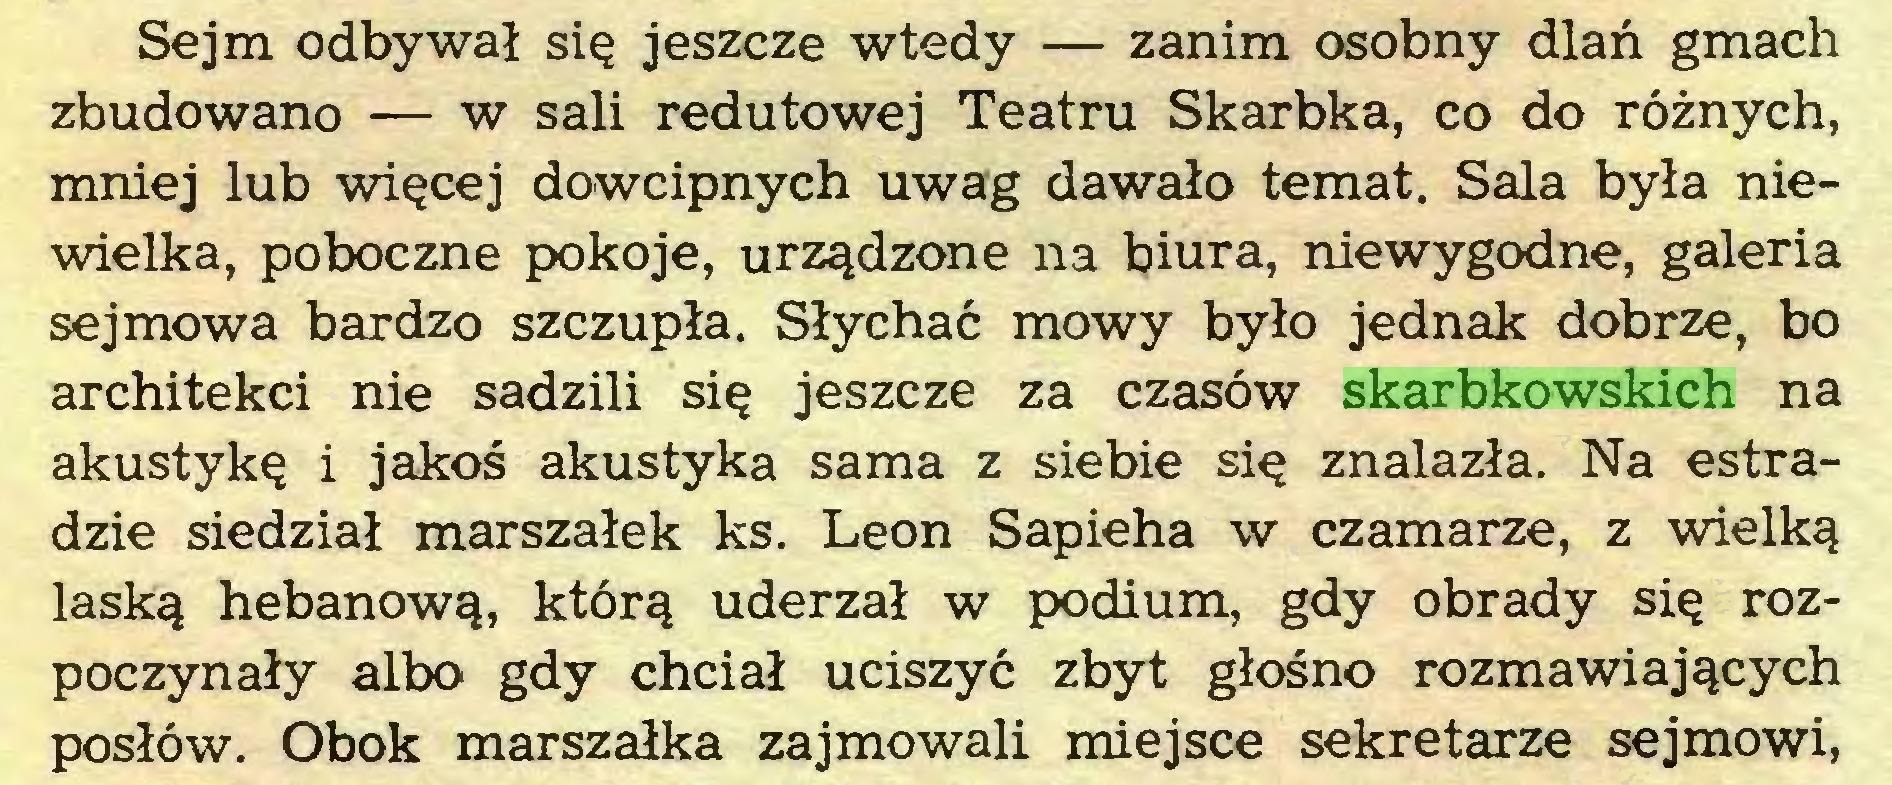 (...) Sejm odbywał się jeszcze wtedy — zanim osobny dlań gmach zbudowano — w sali redutowej Teatru Skarbka, co do różnych, mniej lub więcej dowcipnych uwag dawało temat. Sala była niewielka, poboczne pokoje, urządzone na biura, niewygodne, galeria sejmowa bardzo szczupła. Słychać mowy było jednak dobrze, bo architekci nie sadzili się jeszcze za czasów skarbkowskich na akustykę i jakoś akustyka sama z siebie się znalazła. Na estradzie siedział marszałek ks. Leon Sapieha w czamarze, z wielką laską hebanową, którą uderzał w podium, gdy obrady się rozpoczynały albo gdy chciał uciszyć zbyt głośno rozmawiających posłów. Obok marszałka zajmowali miejsce sekretarze sejmowi,...